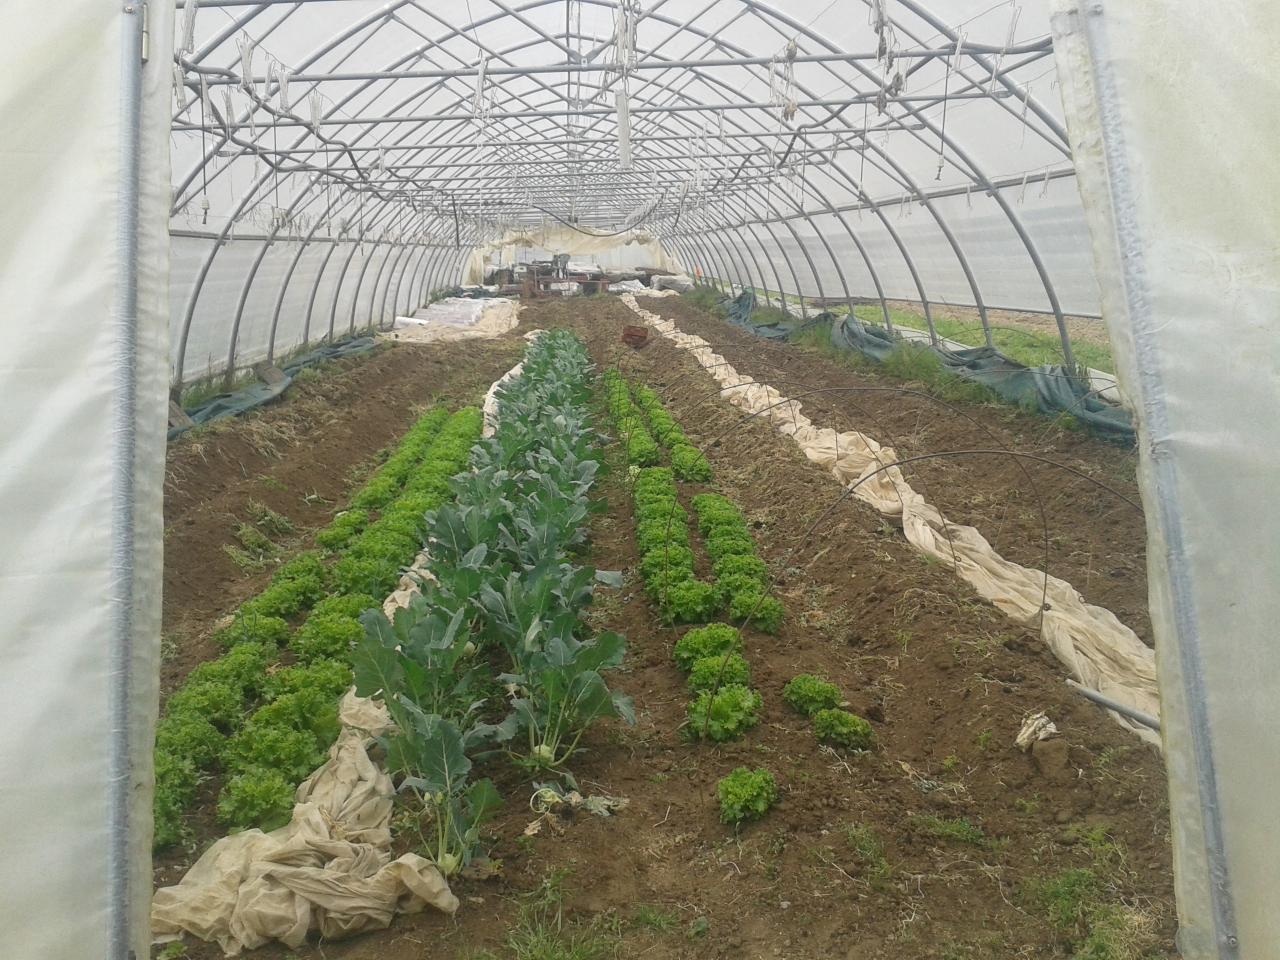 Salade et choux-rave qui ont poussé (5-6 semaines après plantation)